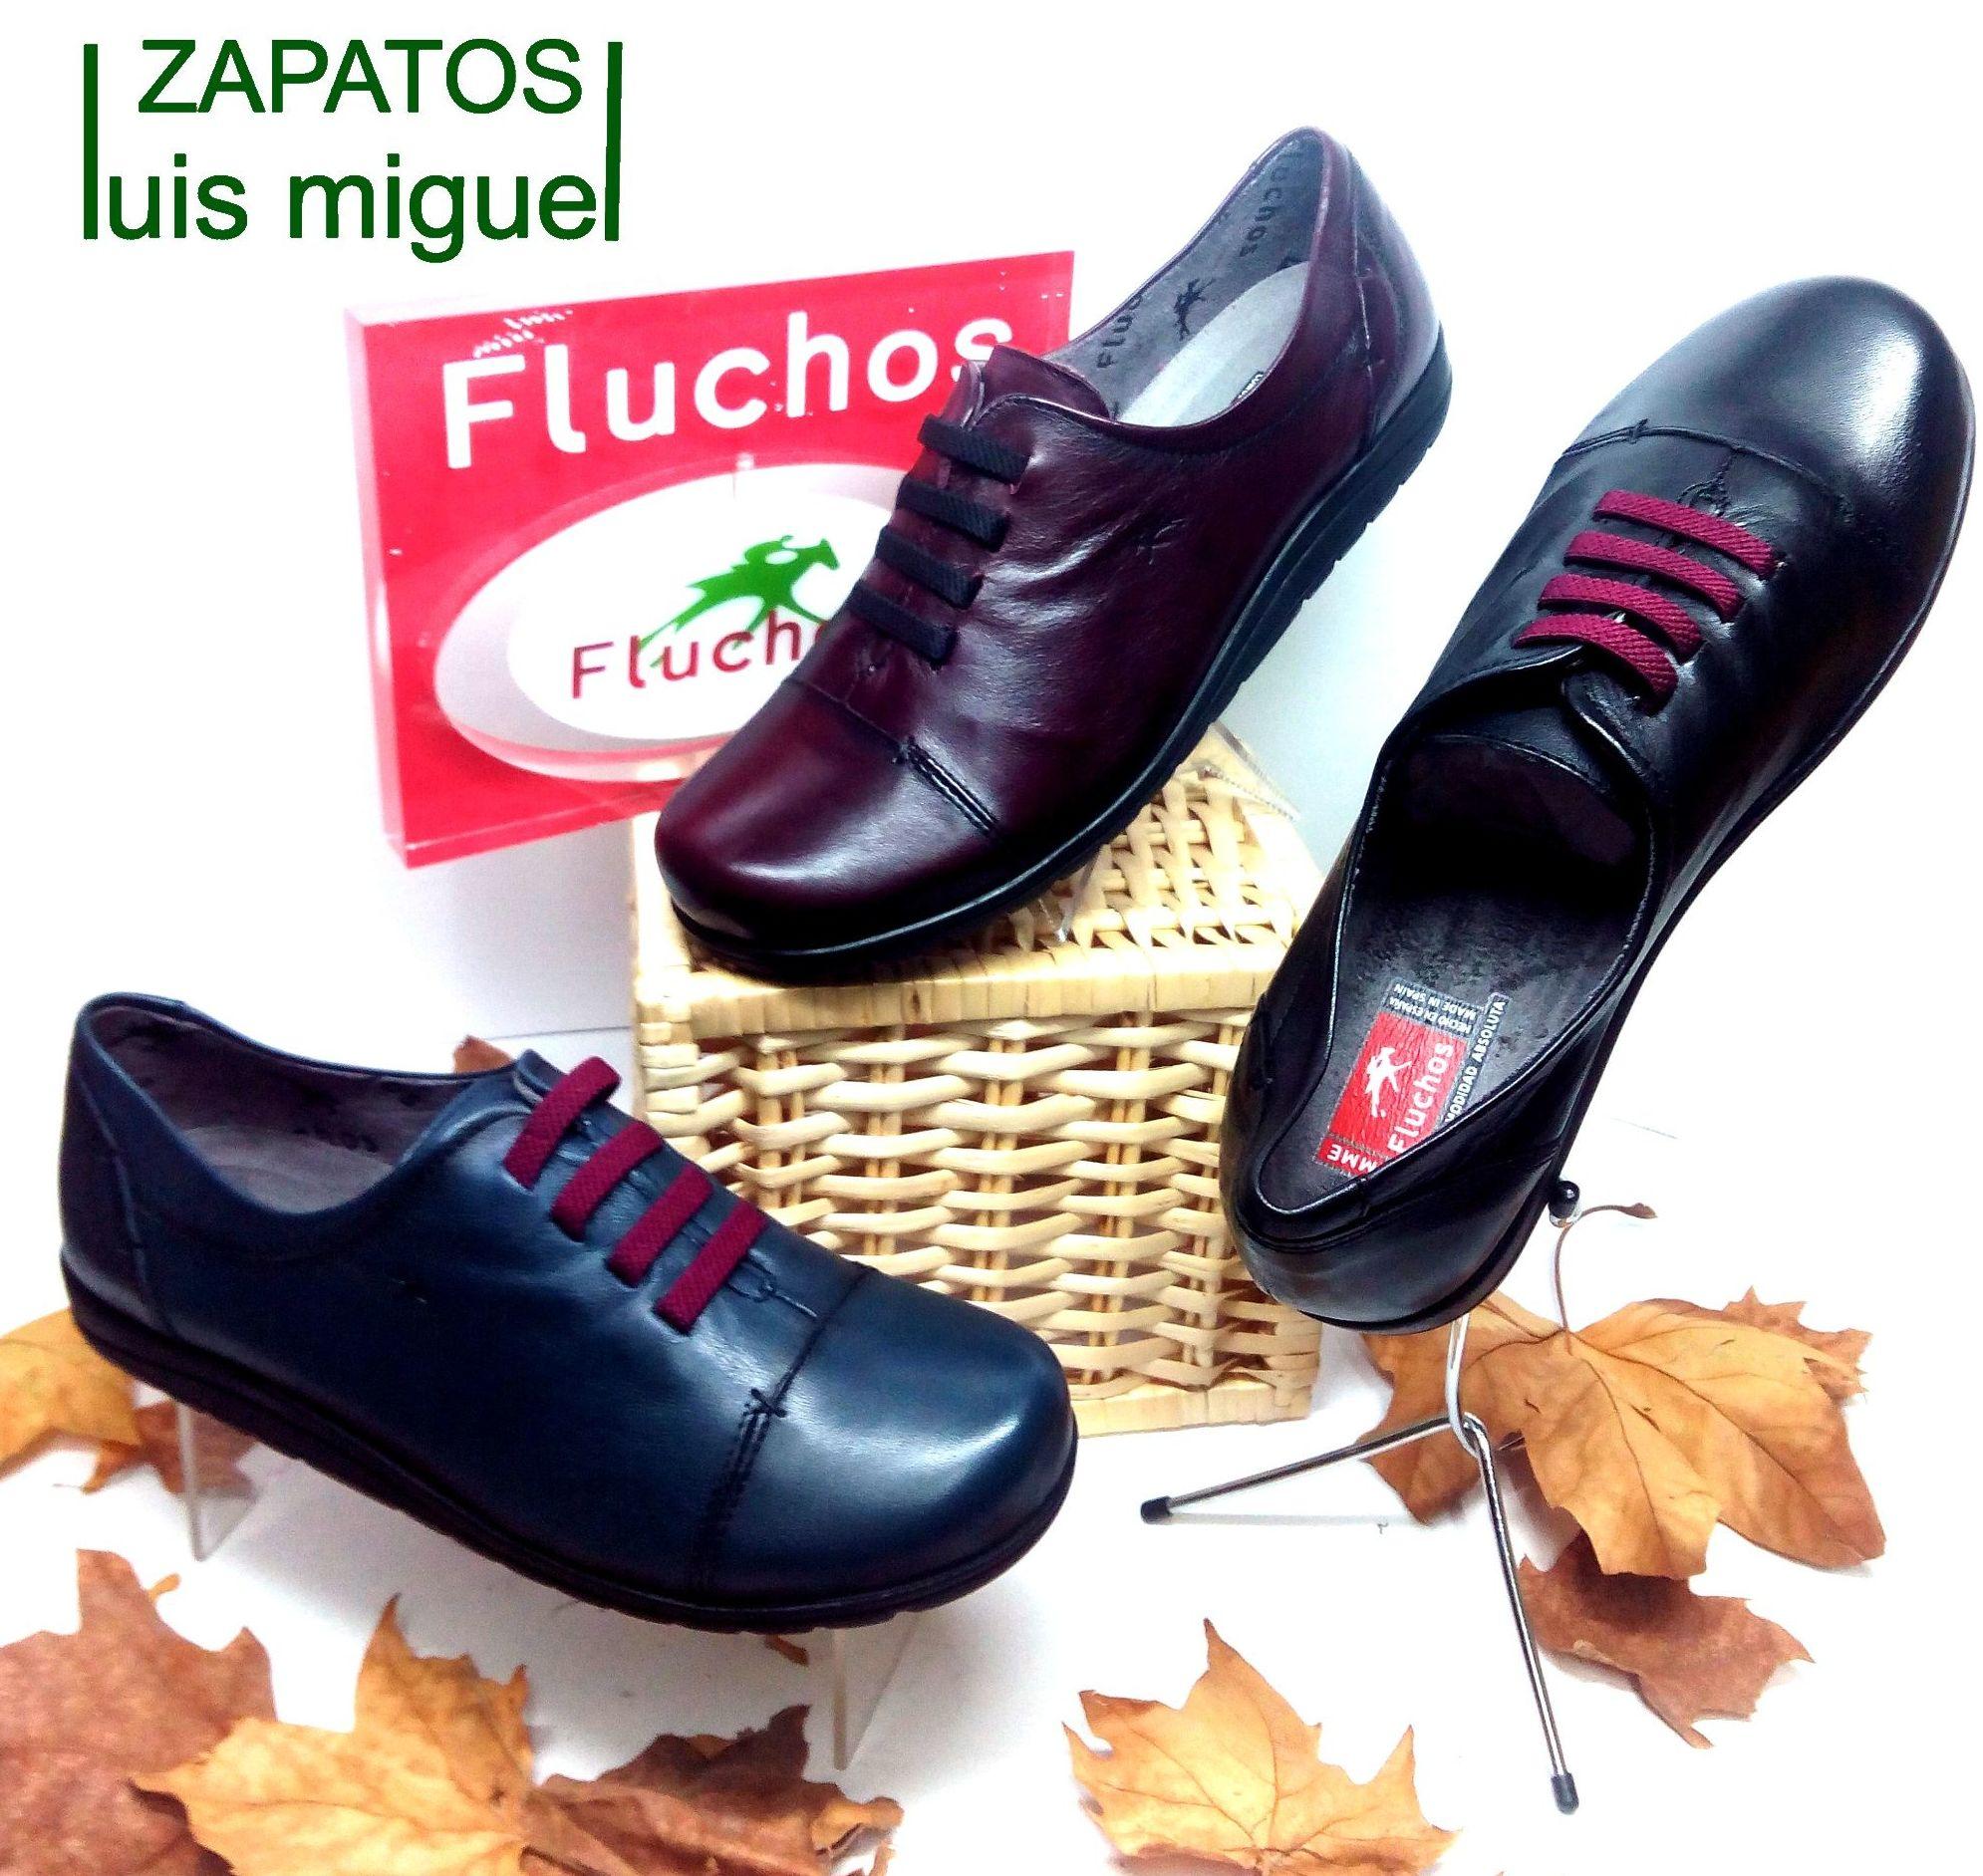 zapato deportivo de fluchos: Catalogo de productos de Zapatos Luis Miguel